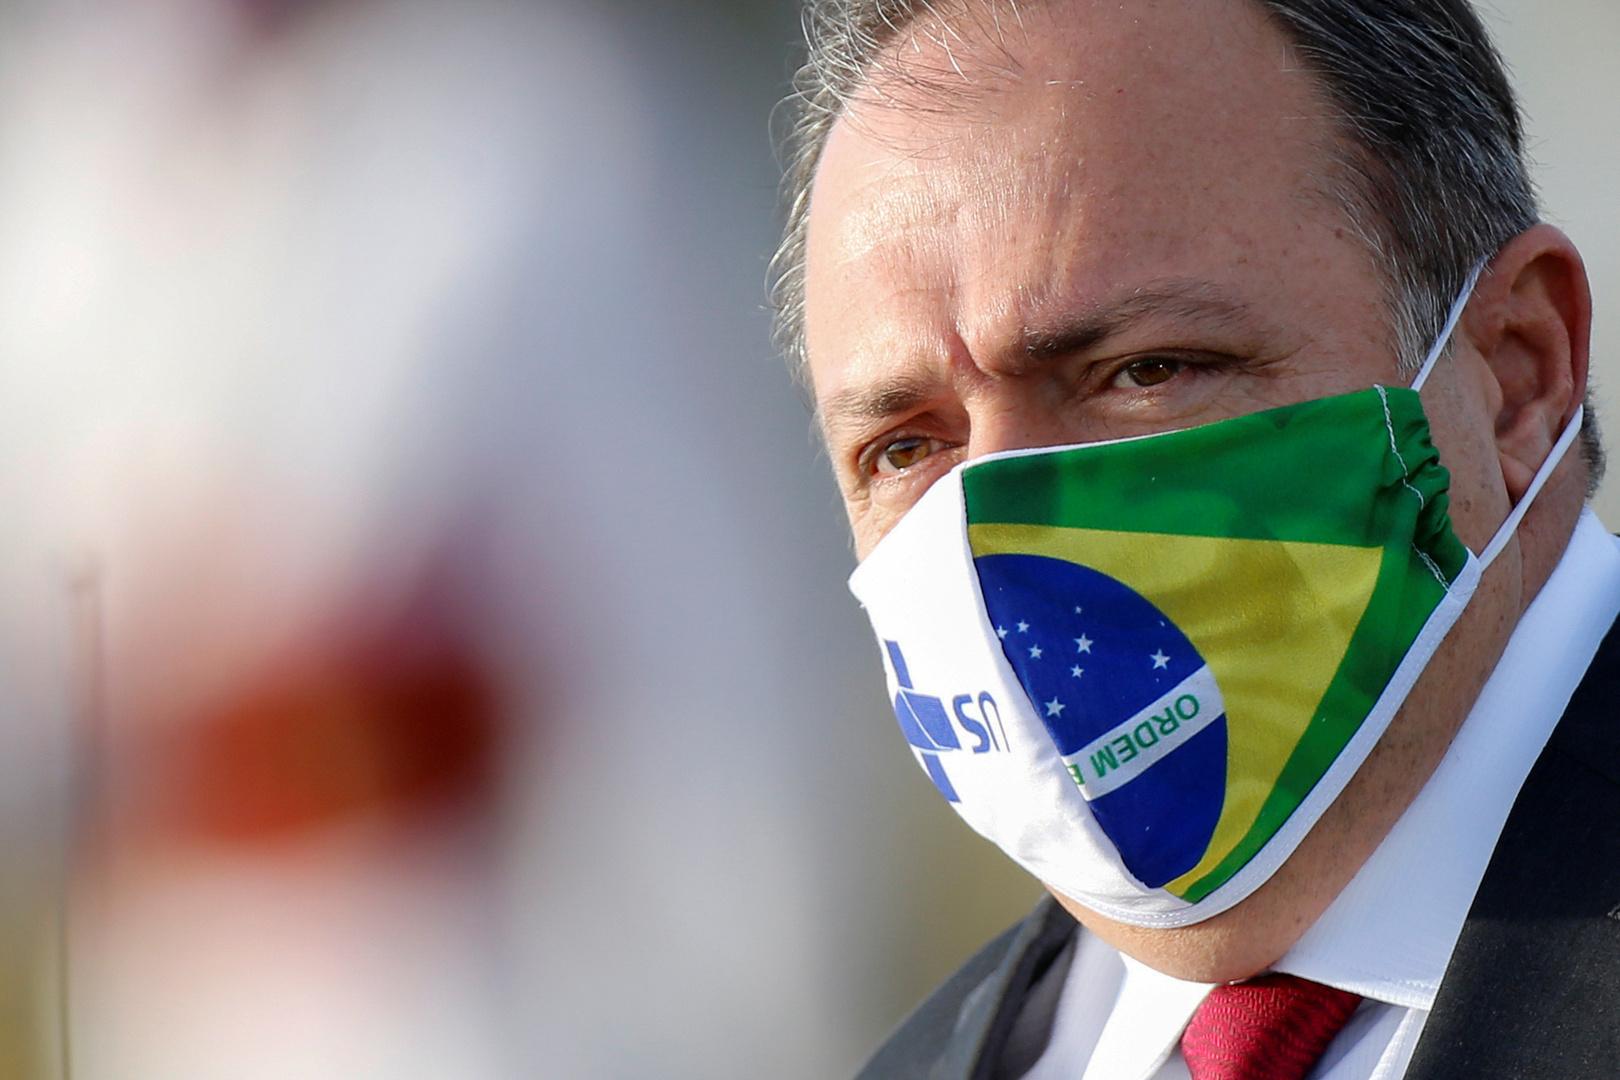 البرازيل.. وزير الصحة المصاب بكورونا يخرج من المستشفى